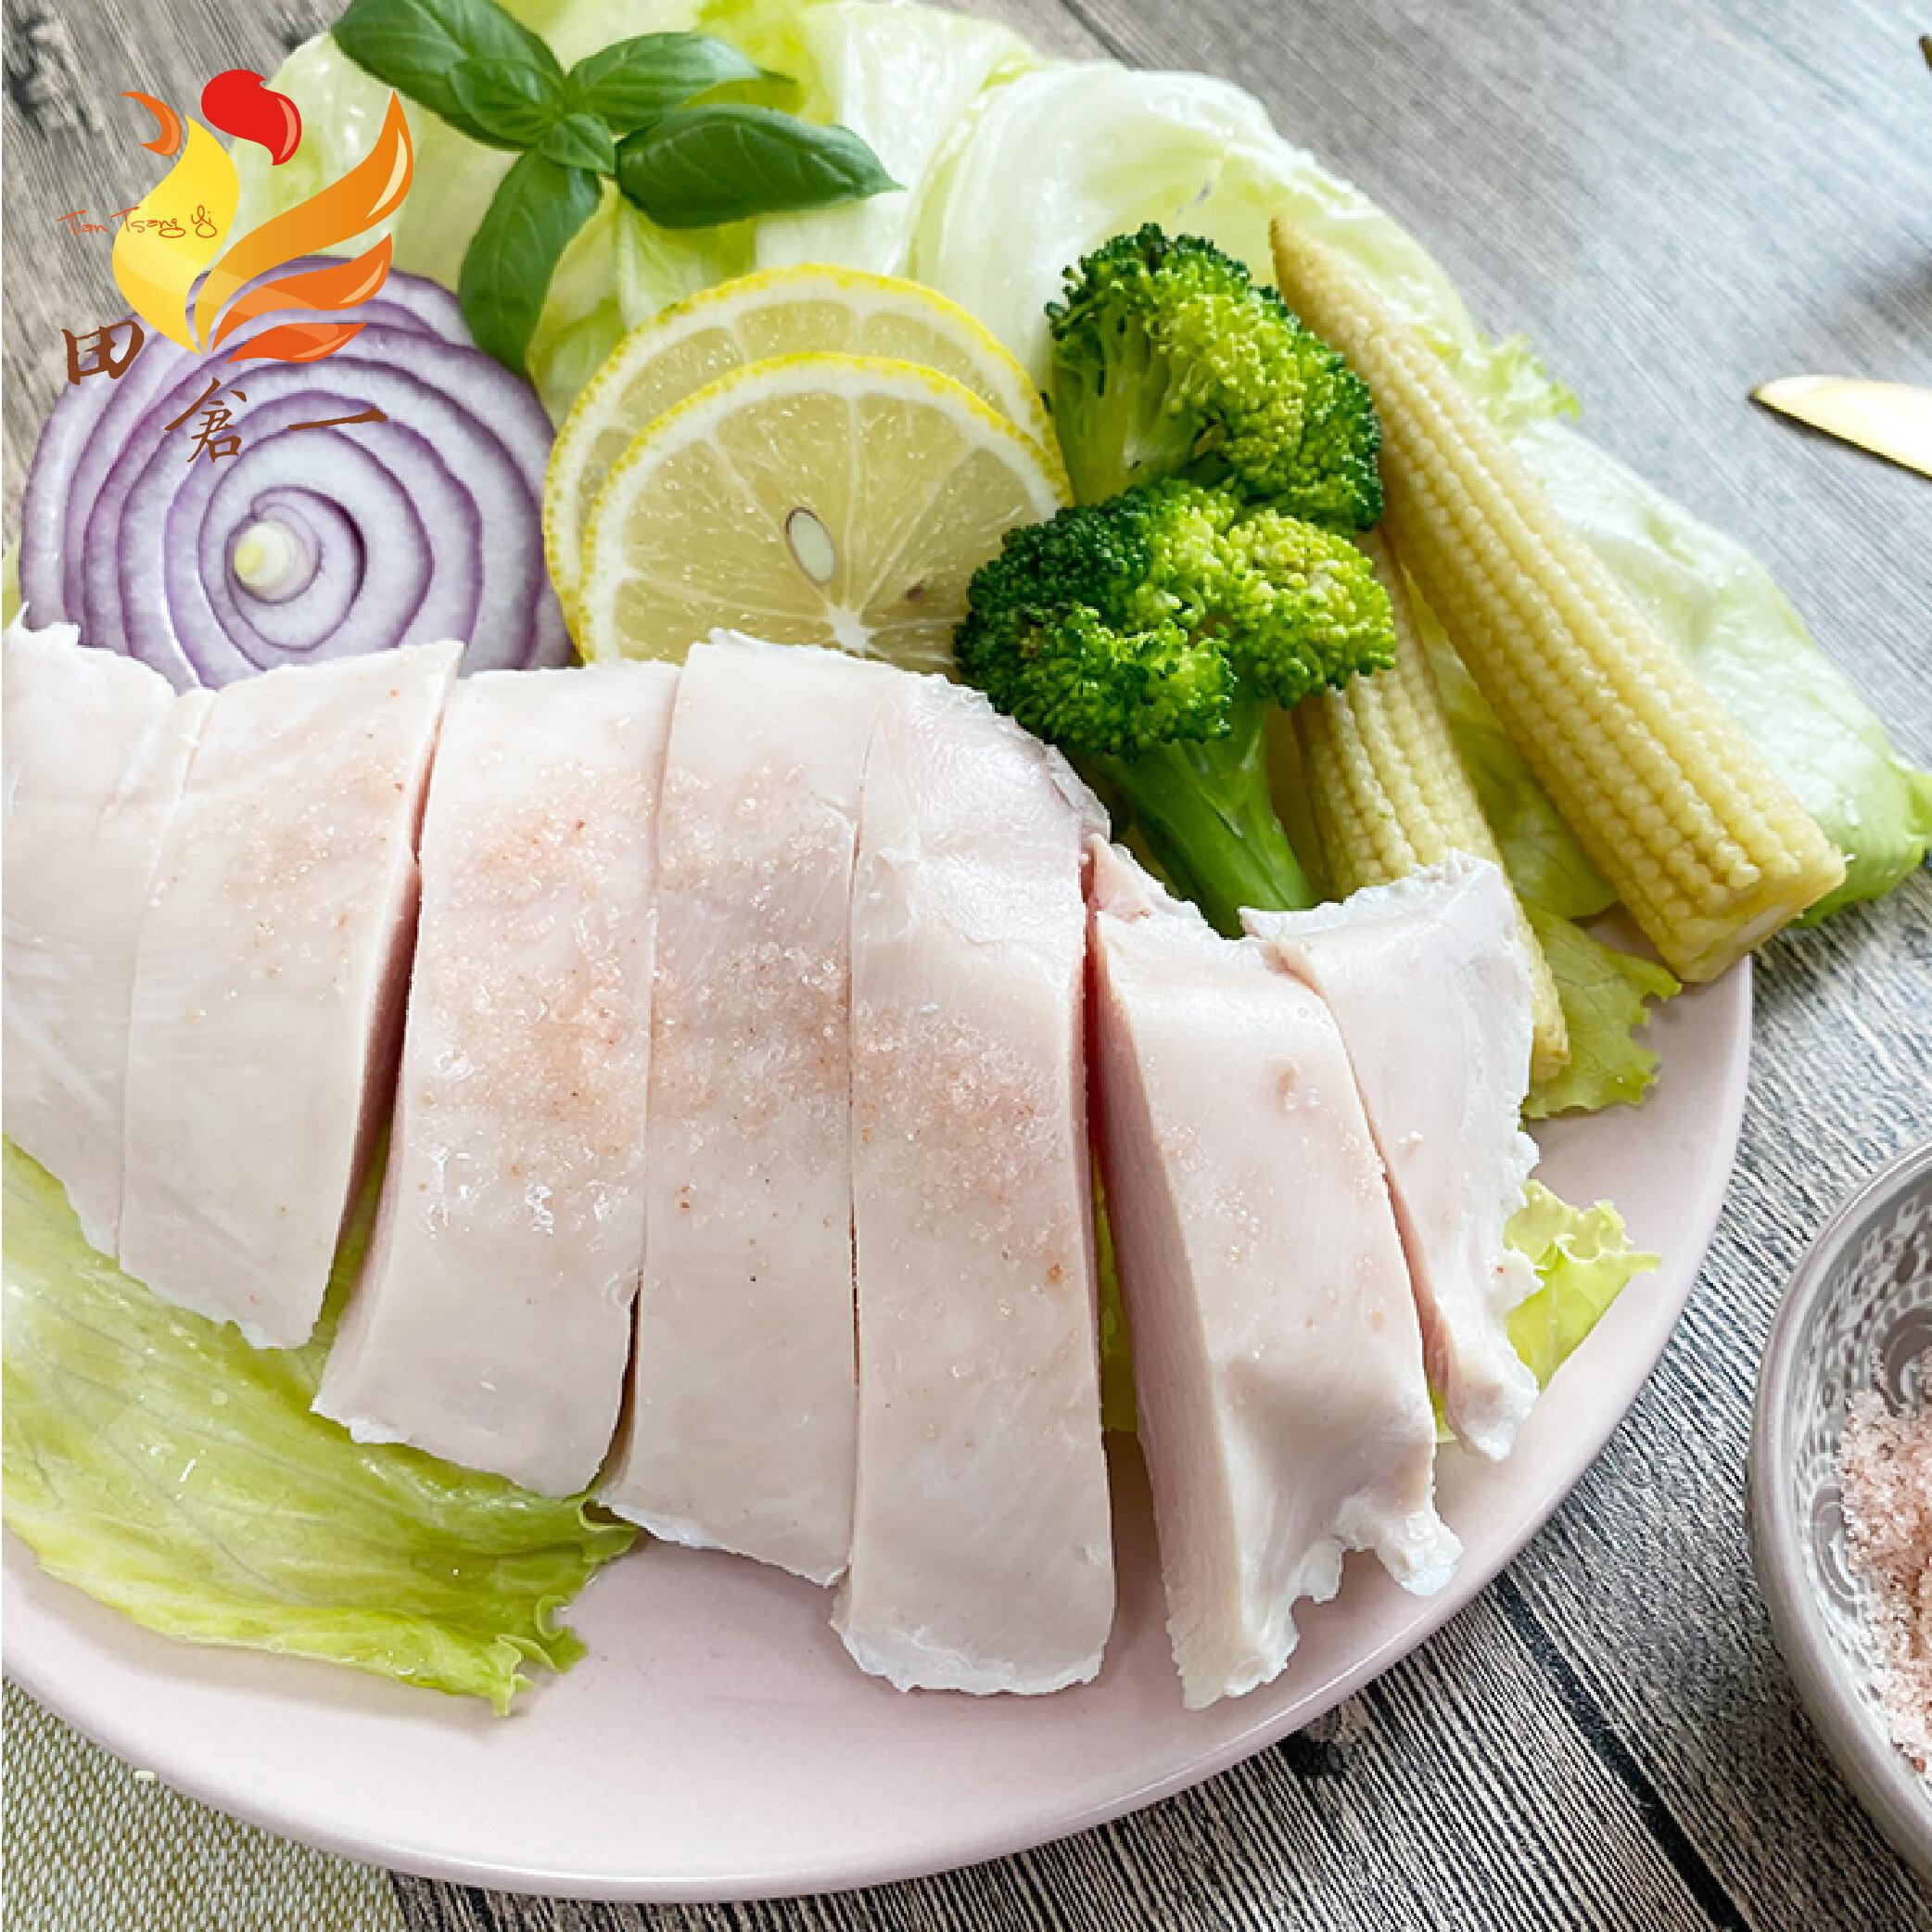 【田倉一食品】《玫瑰鹽》舒肥嫩雞胸肉|通過SGS認證|(1片/包約:140g)|減肥餐|增肌減脂好選擇|沙拉主菜